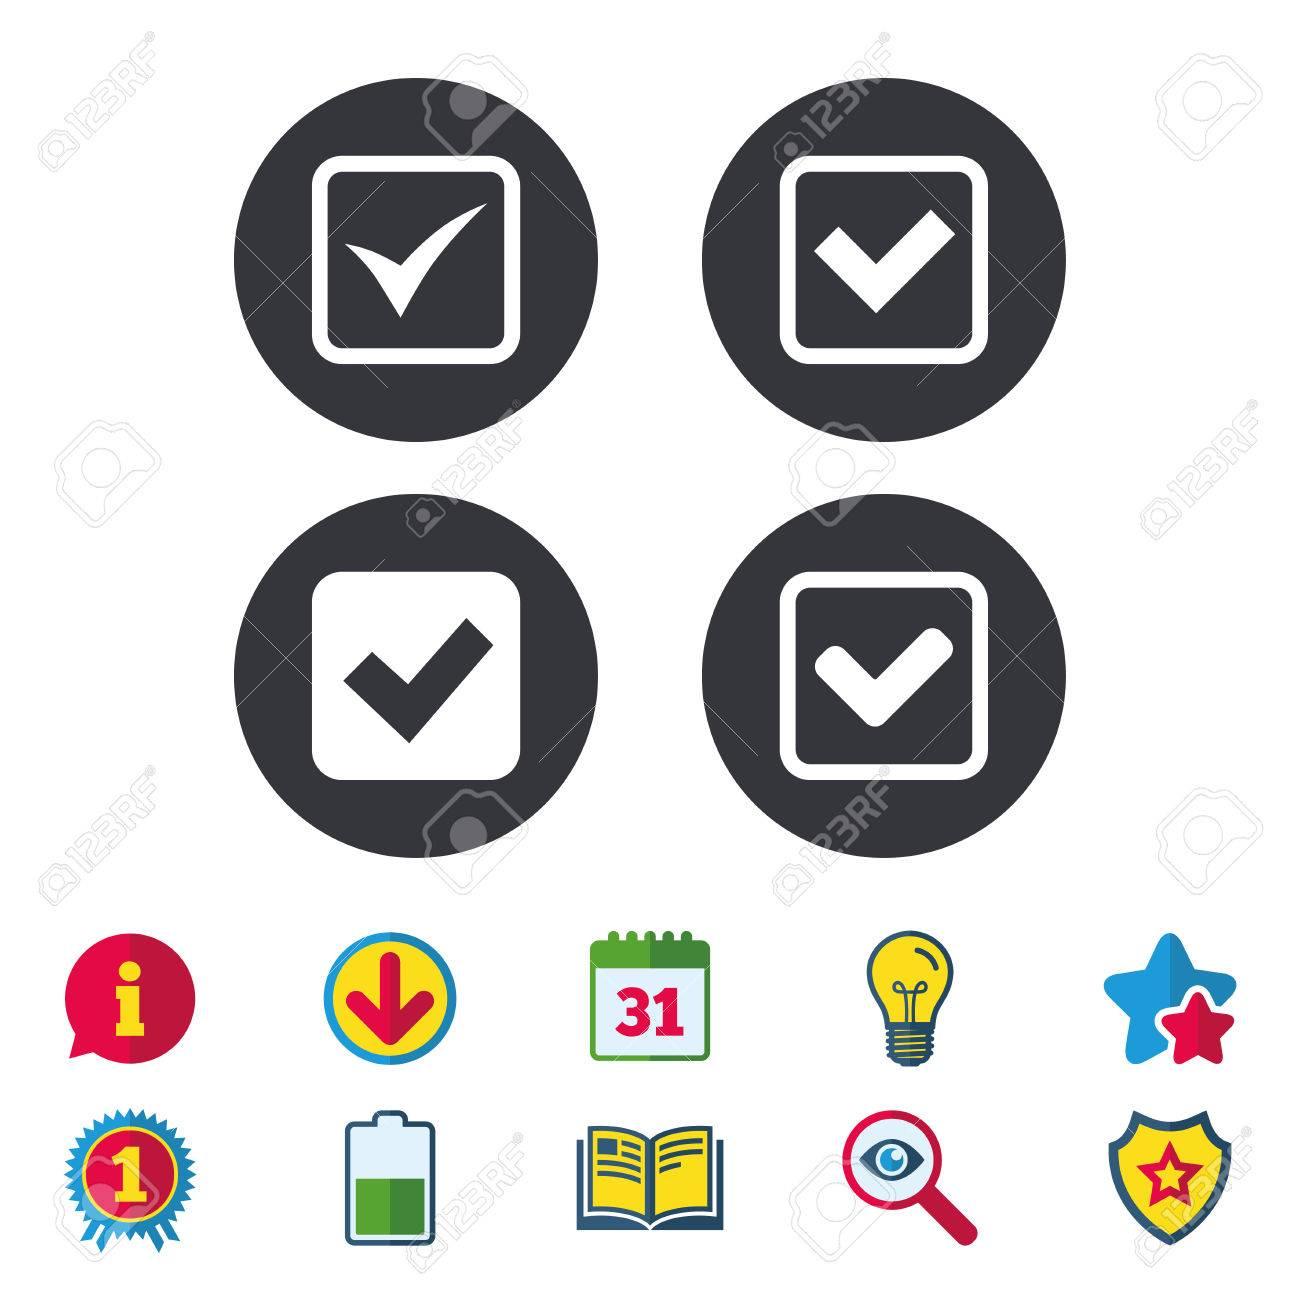 Calendrier A Cocher.Verifiez Les Icones La Case A Cocher Confirme Les Symboles Des Signes Des Carres Calendrier Informations Et Signes De Telechargement Les Icones